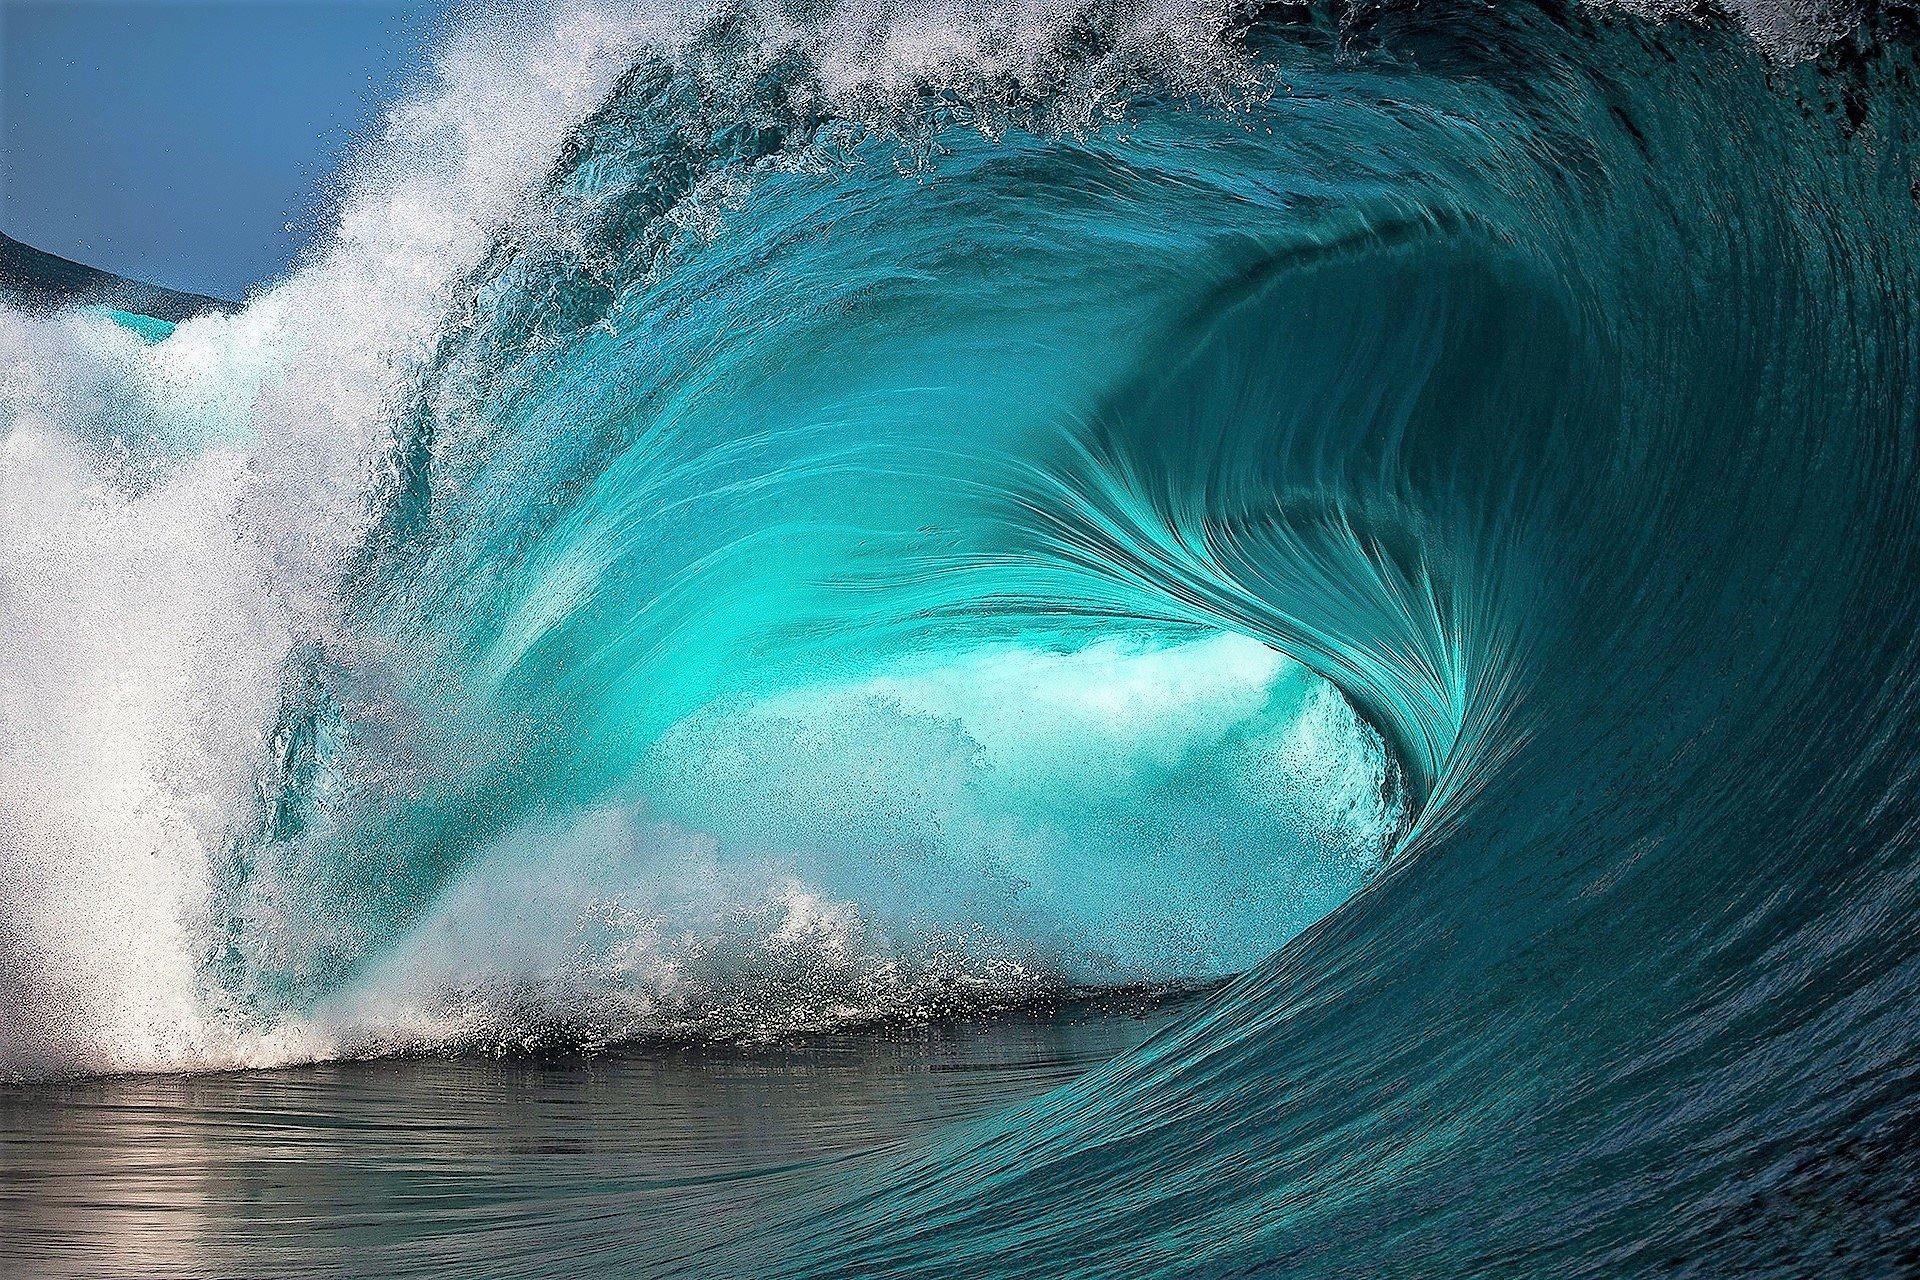 Giant Wave Fondo De Pantalla Hd Fondo De Escritorio